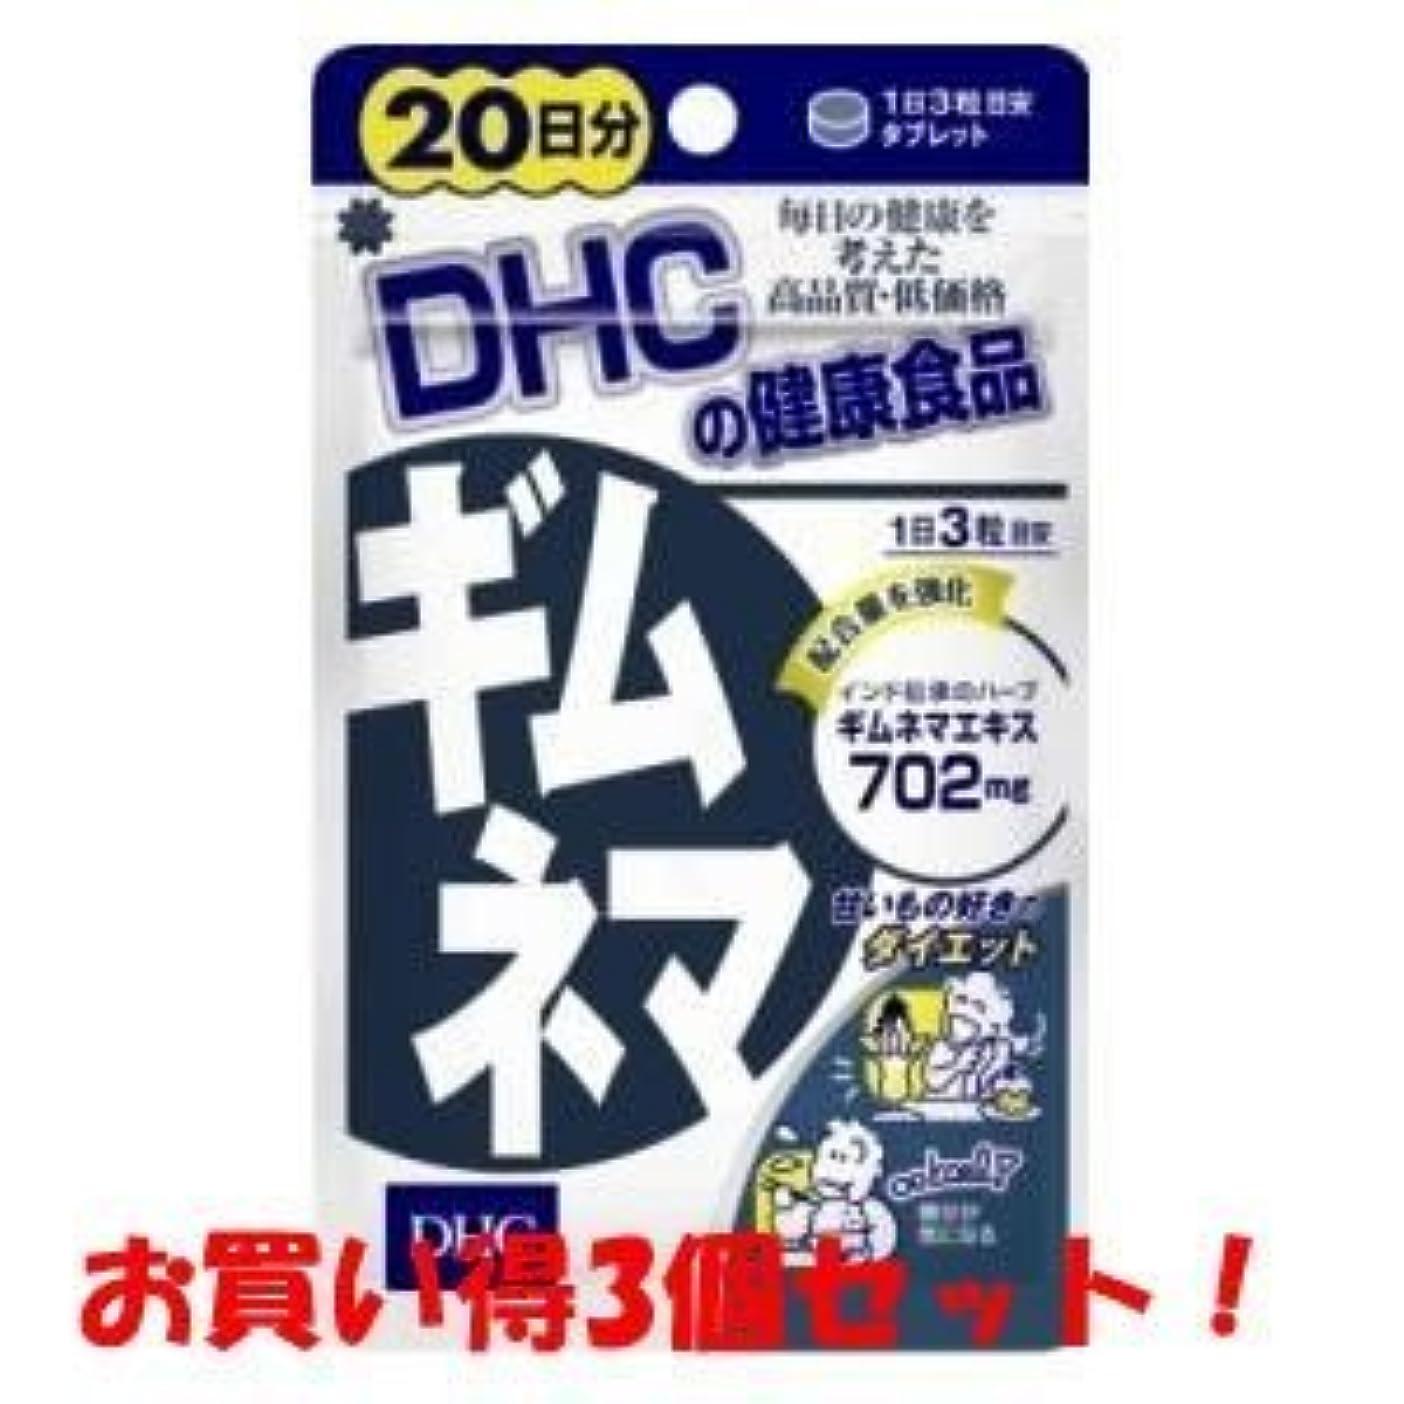 役に立つからかう神のDHC ギムネマ 20日分 60粒(お買い得3個セット)